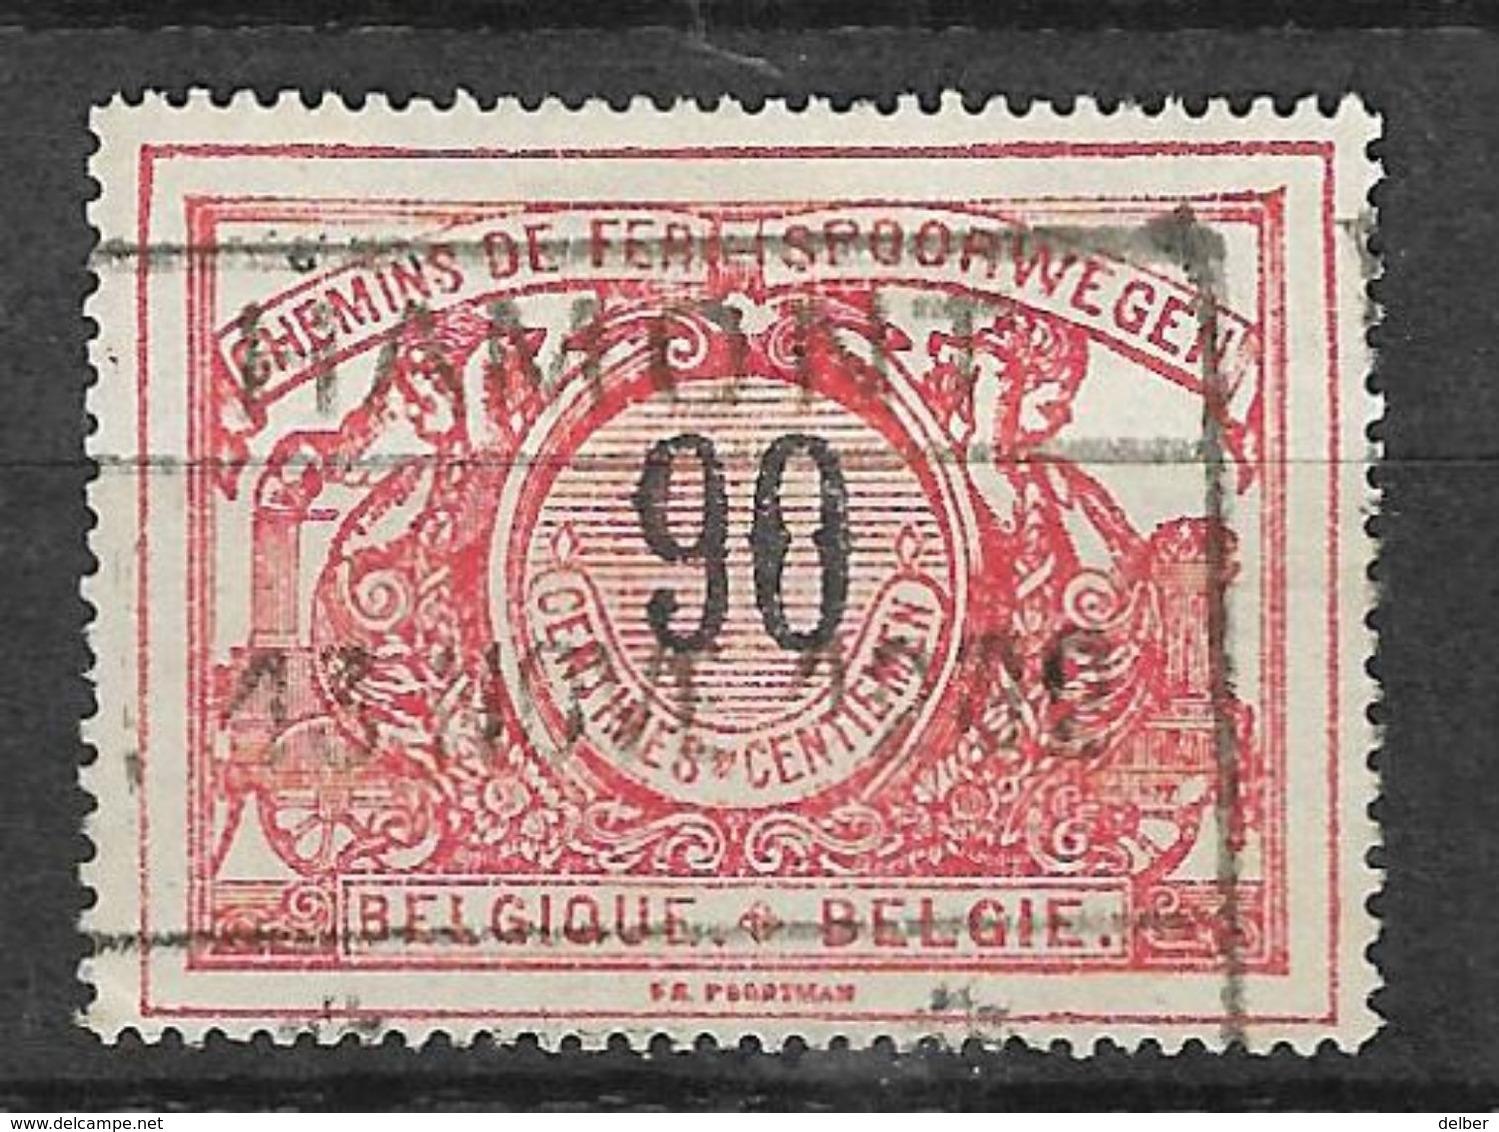 8Nz-969:  HAMONT: Type C19_k : 13 NOVE 12 192 : Jaaraanduiding In 3 Cijfers... - 1895-1913